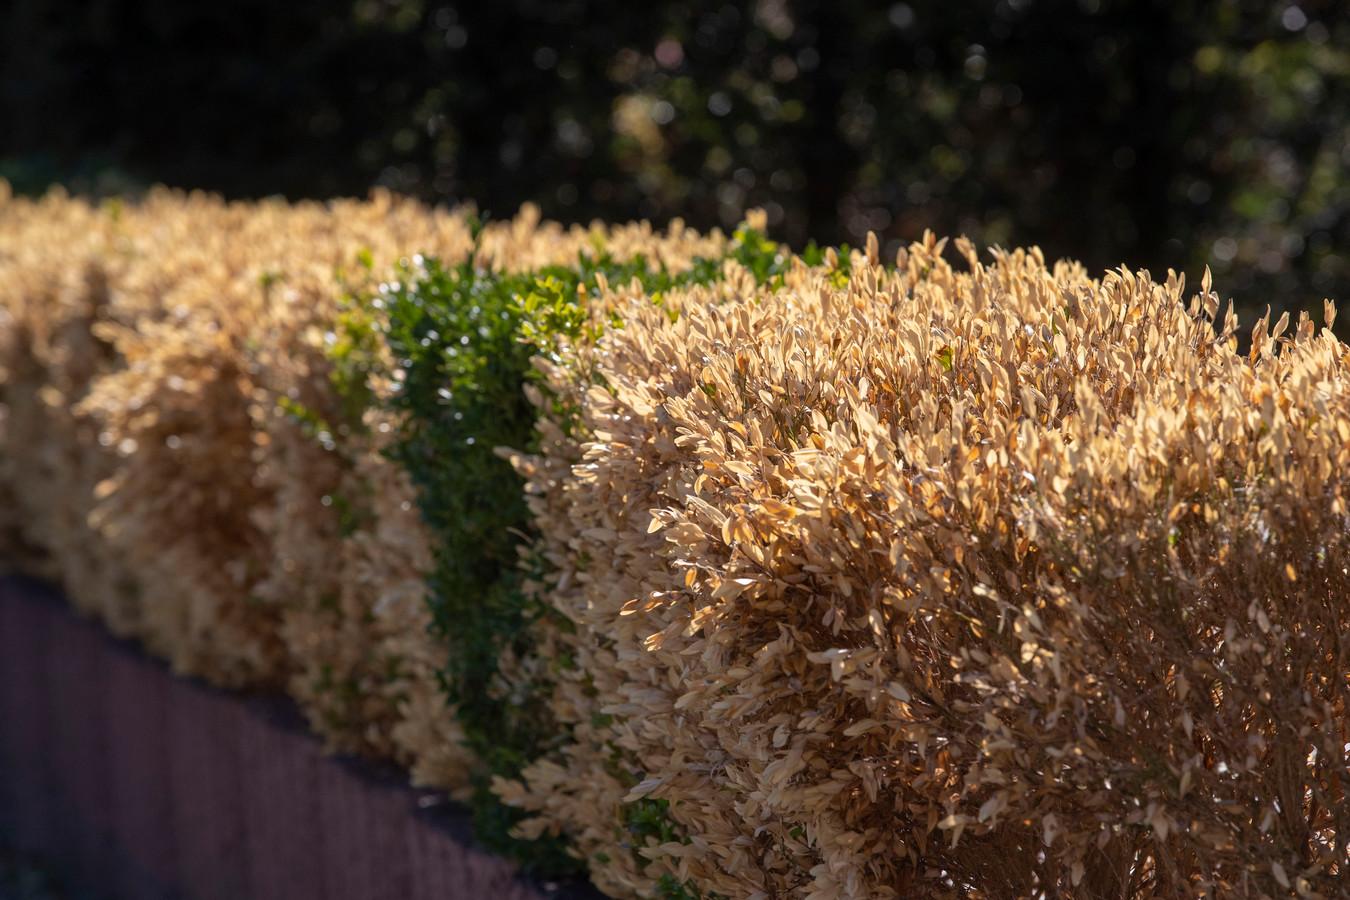 Als de buxusmot toeslaat, worden fraaie groene heggetjes snel kaalgevreten struiken.